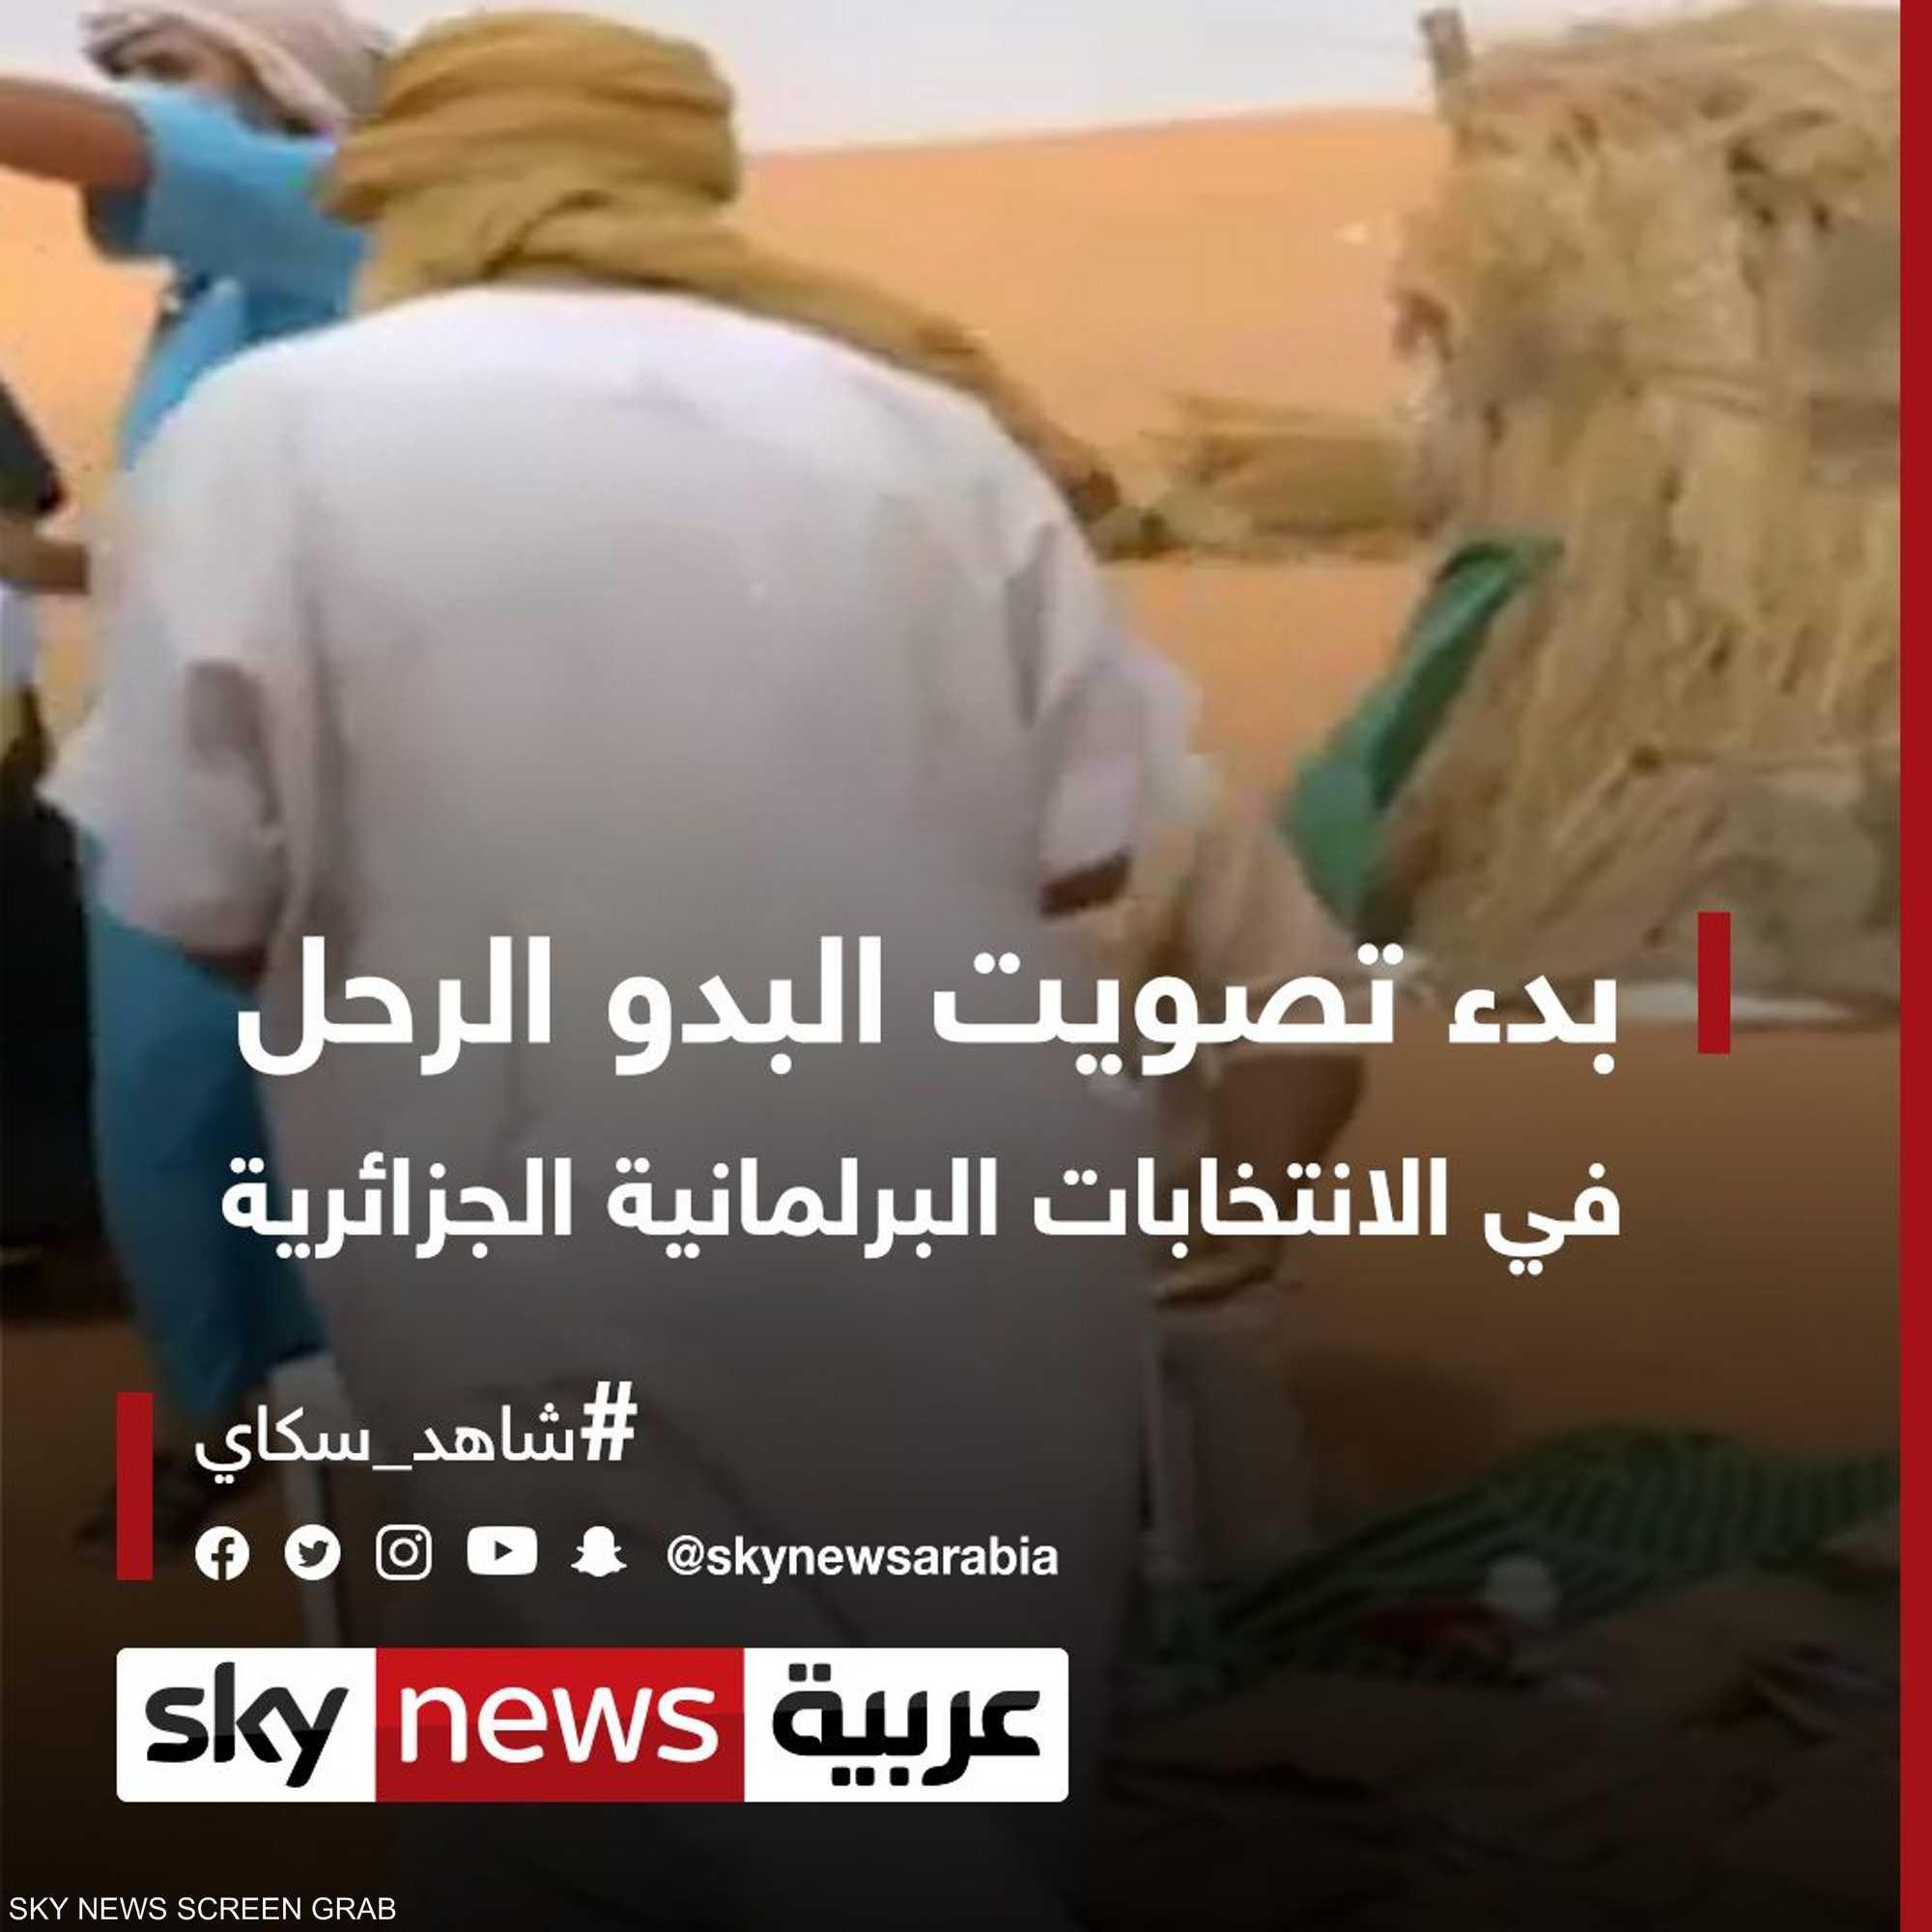 الجزائر.. بدء تصويت البدو الرحل بالانتخابات البرلمانية